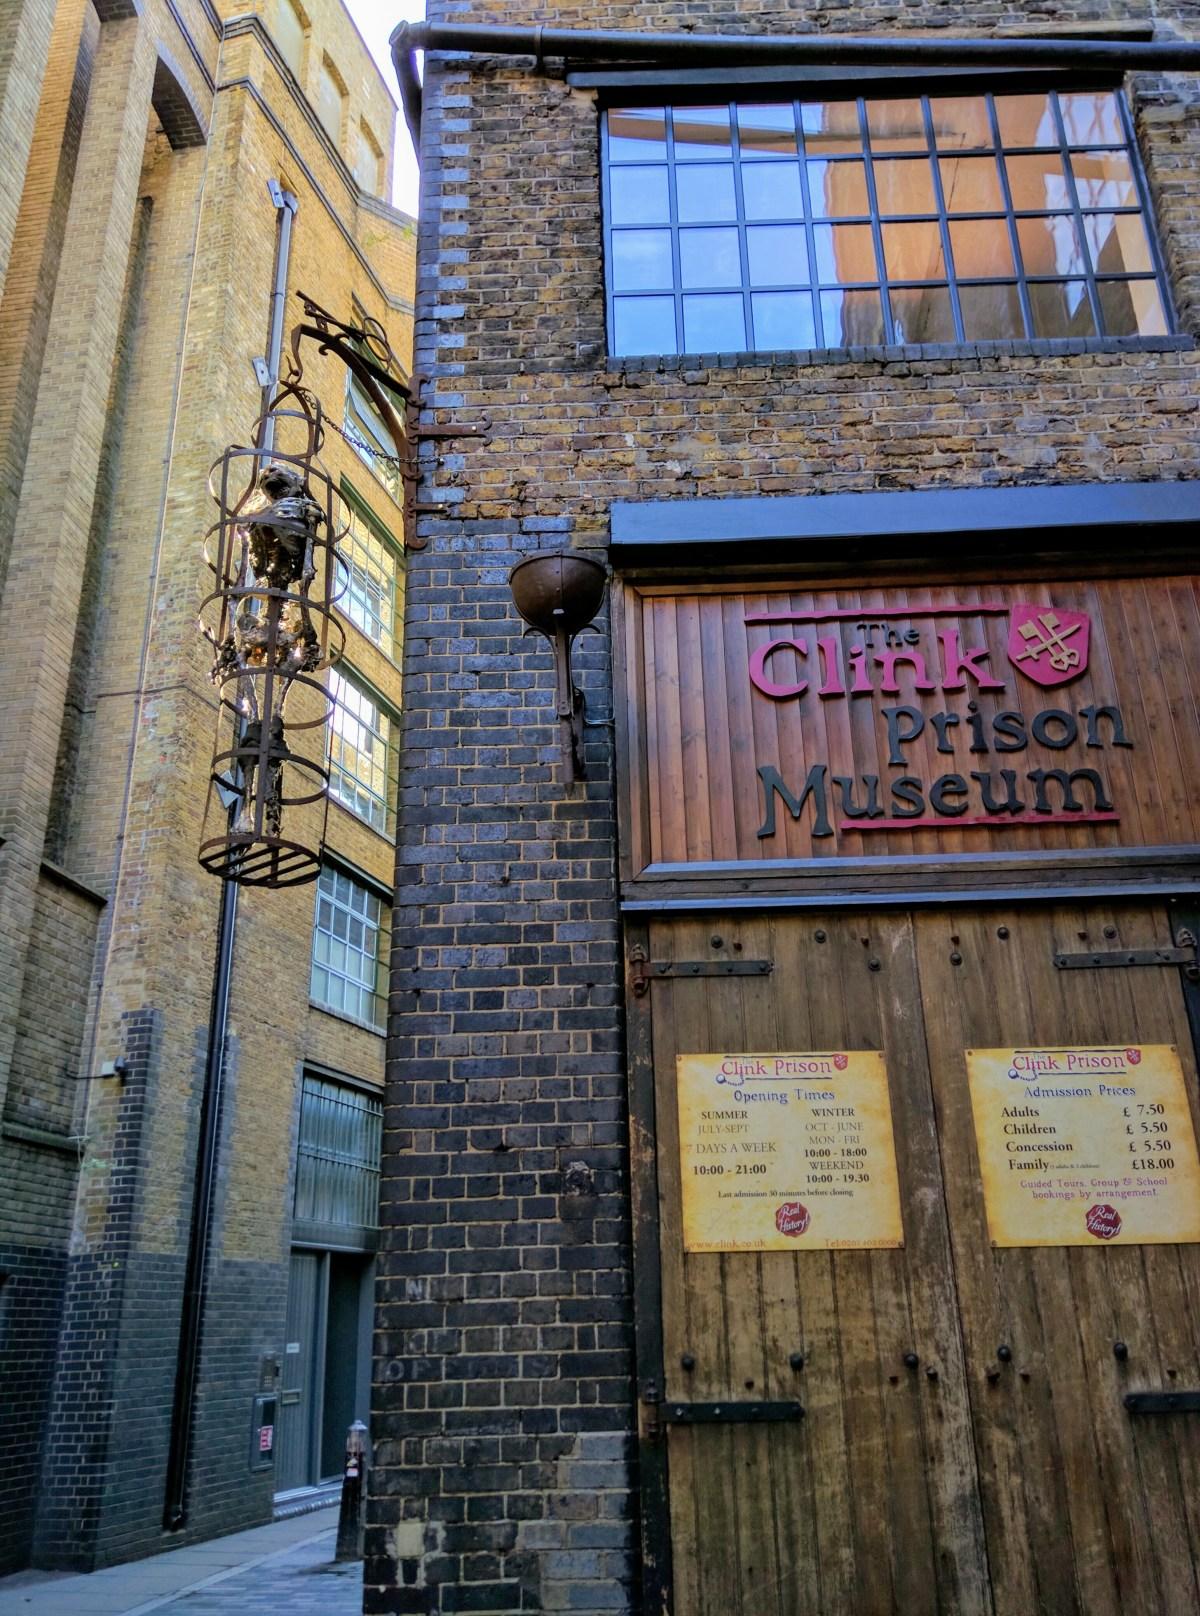 Clink Prison Museum, London